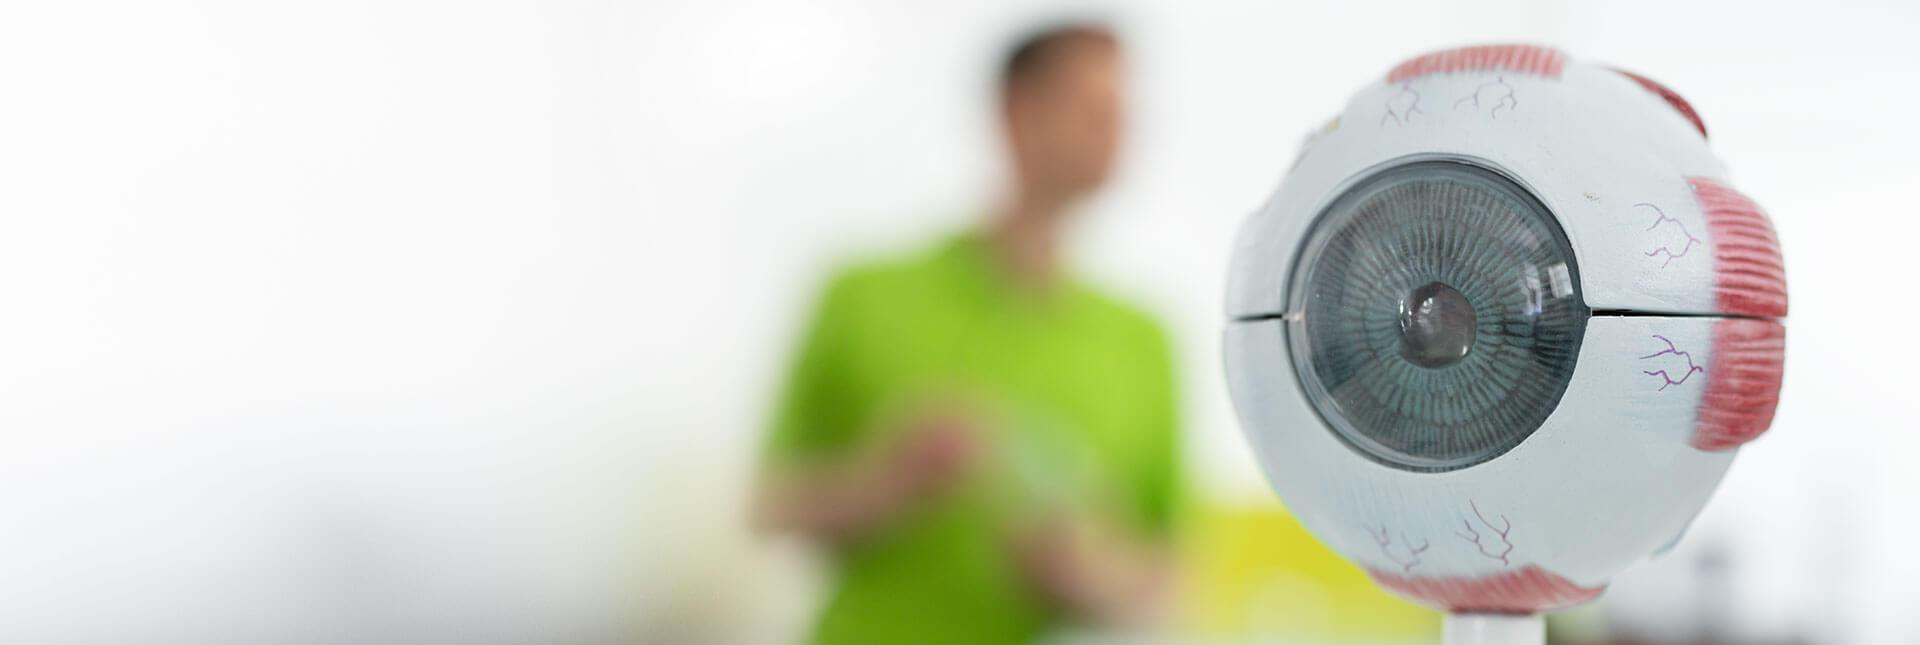 Augenärzte Sindelfingen – Praxis für Augenoperationen, Augenheilkunde und Augenlasern